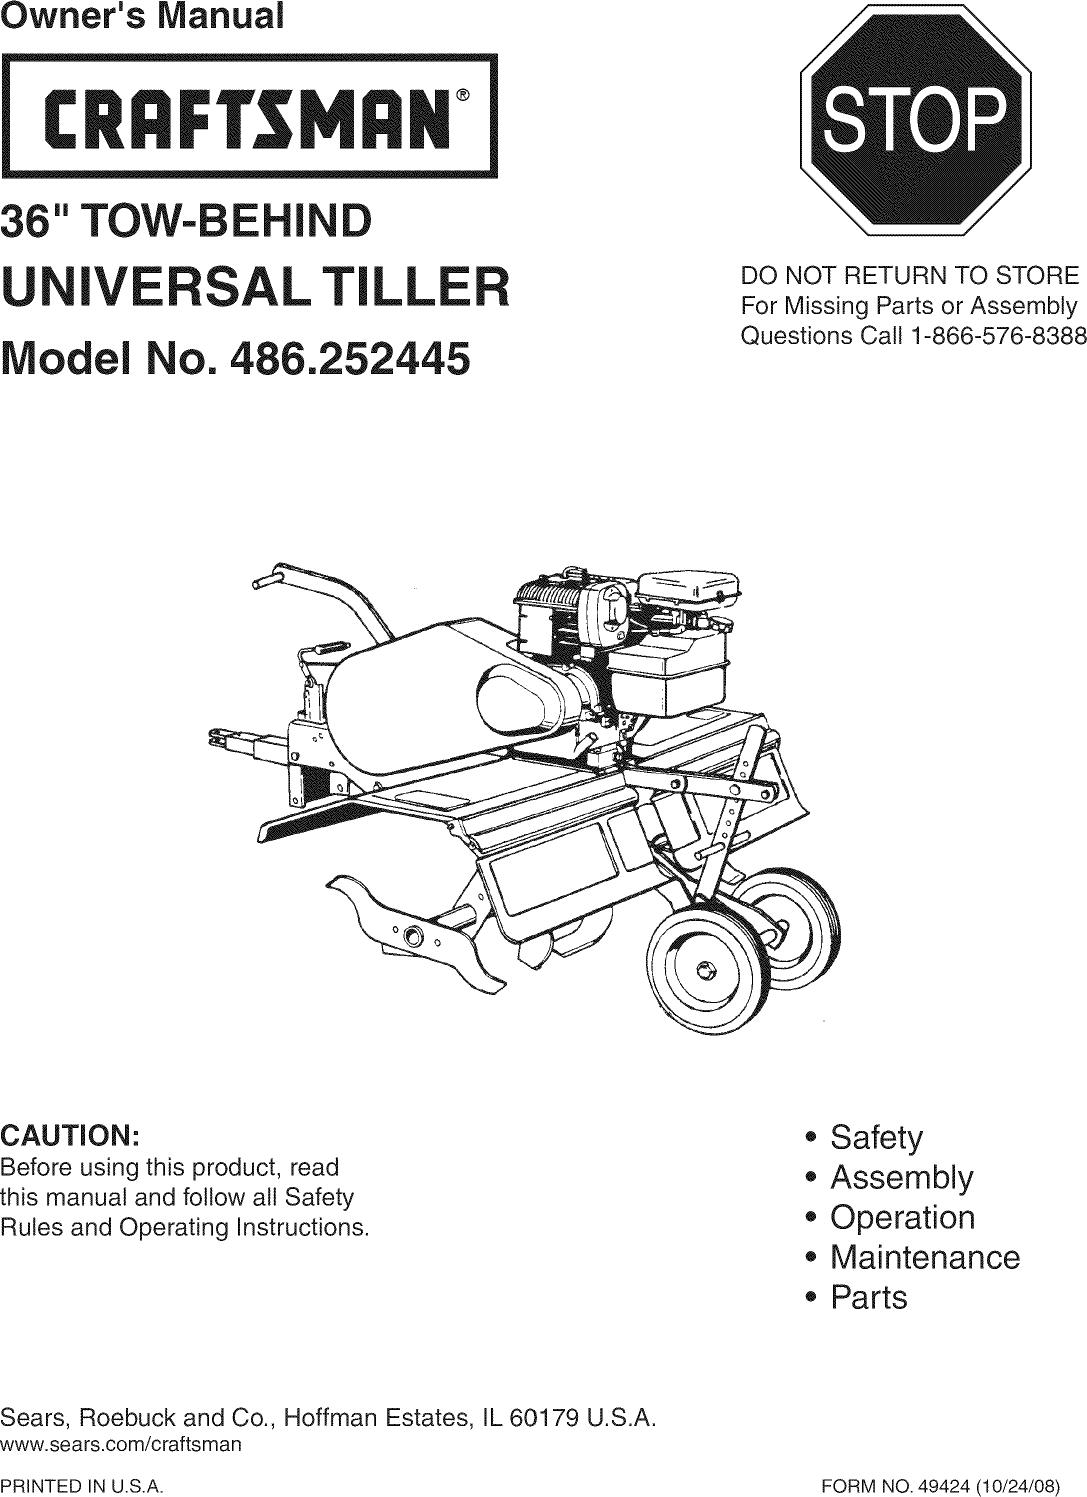 Craftsman 486252445 User Manual 36 TOW BEHIND TILLER